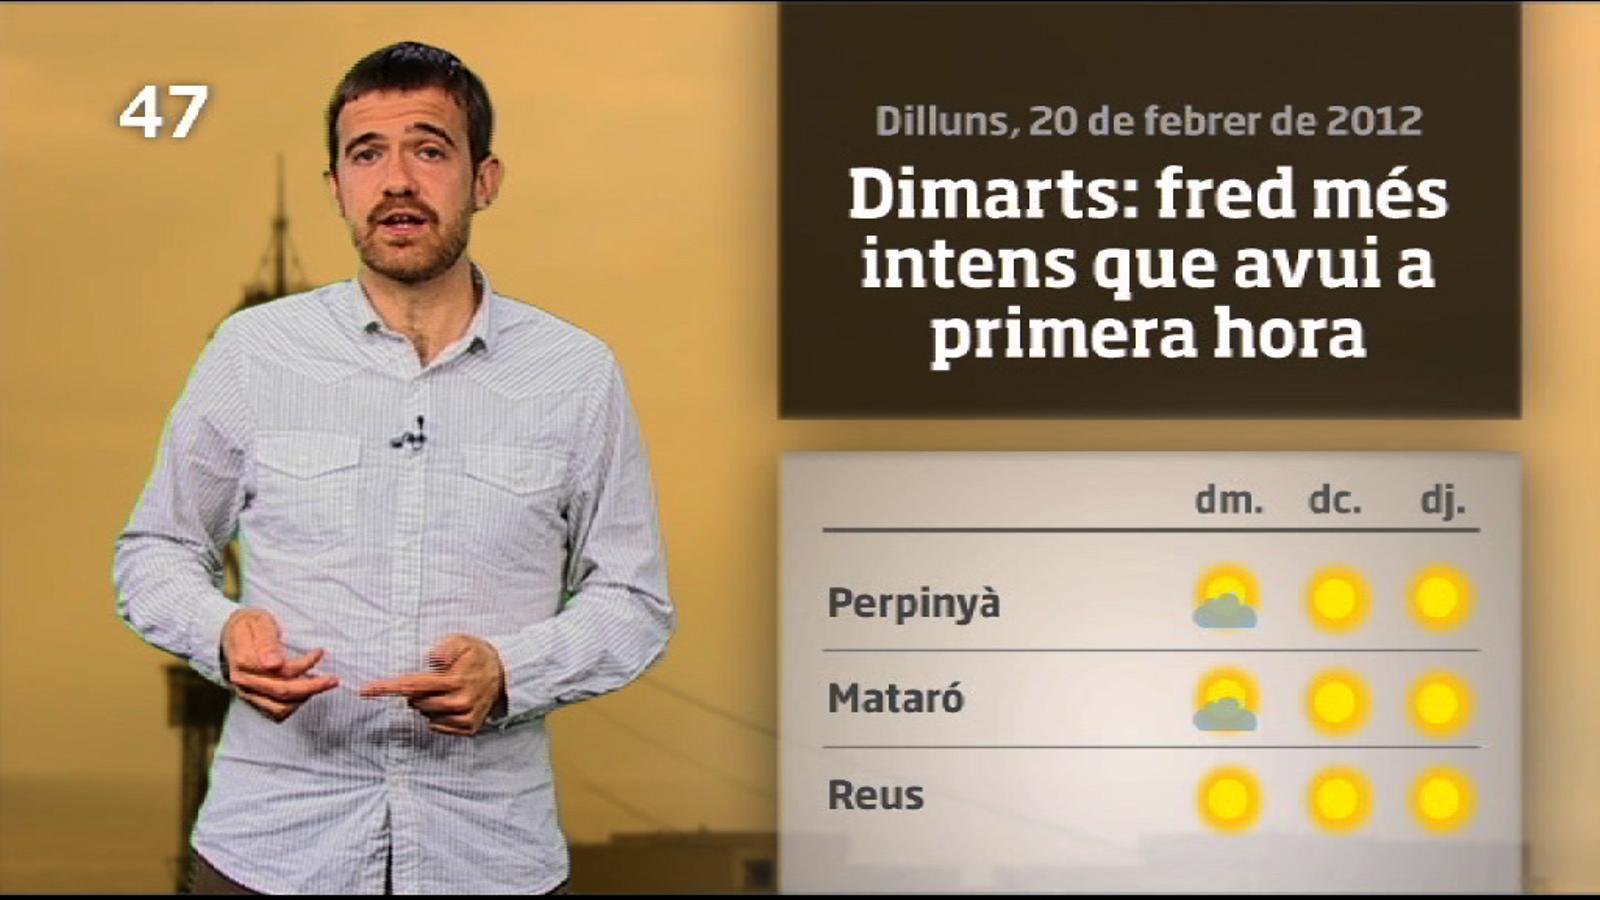 La méteo en 1 minut: pujada de temperatures a partir de dijous (21/02/12)